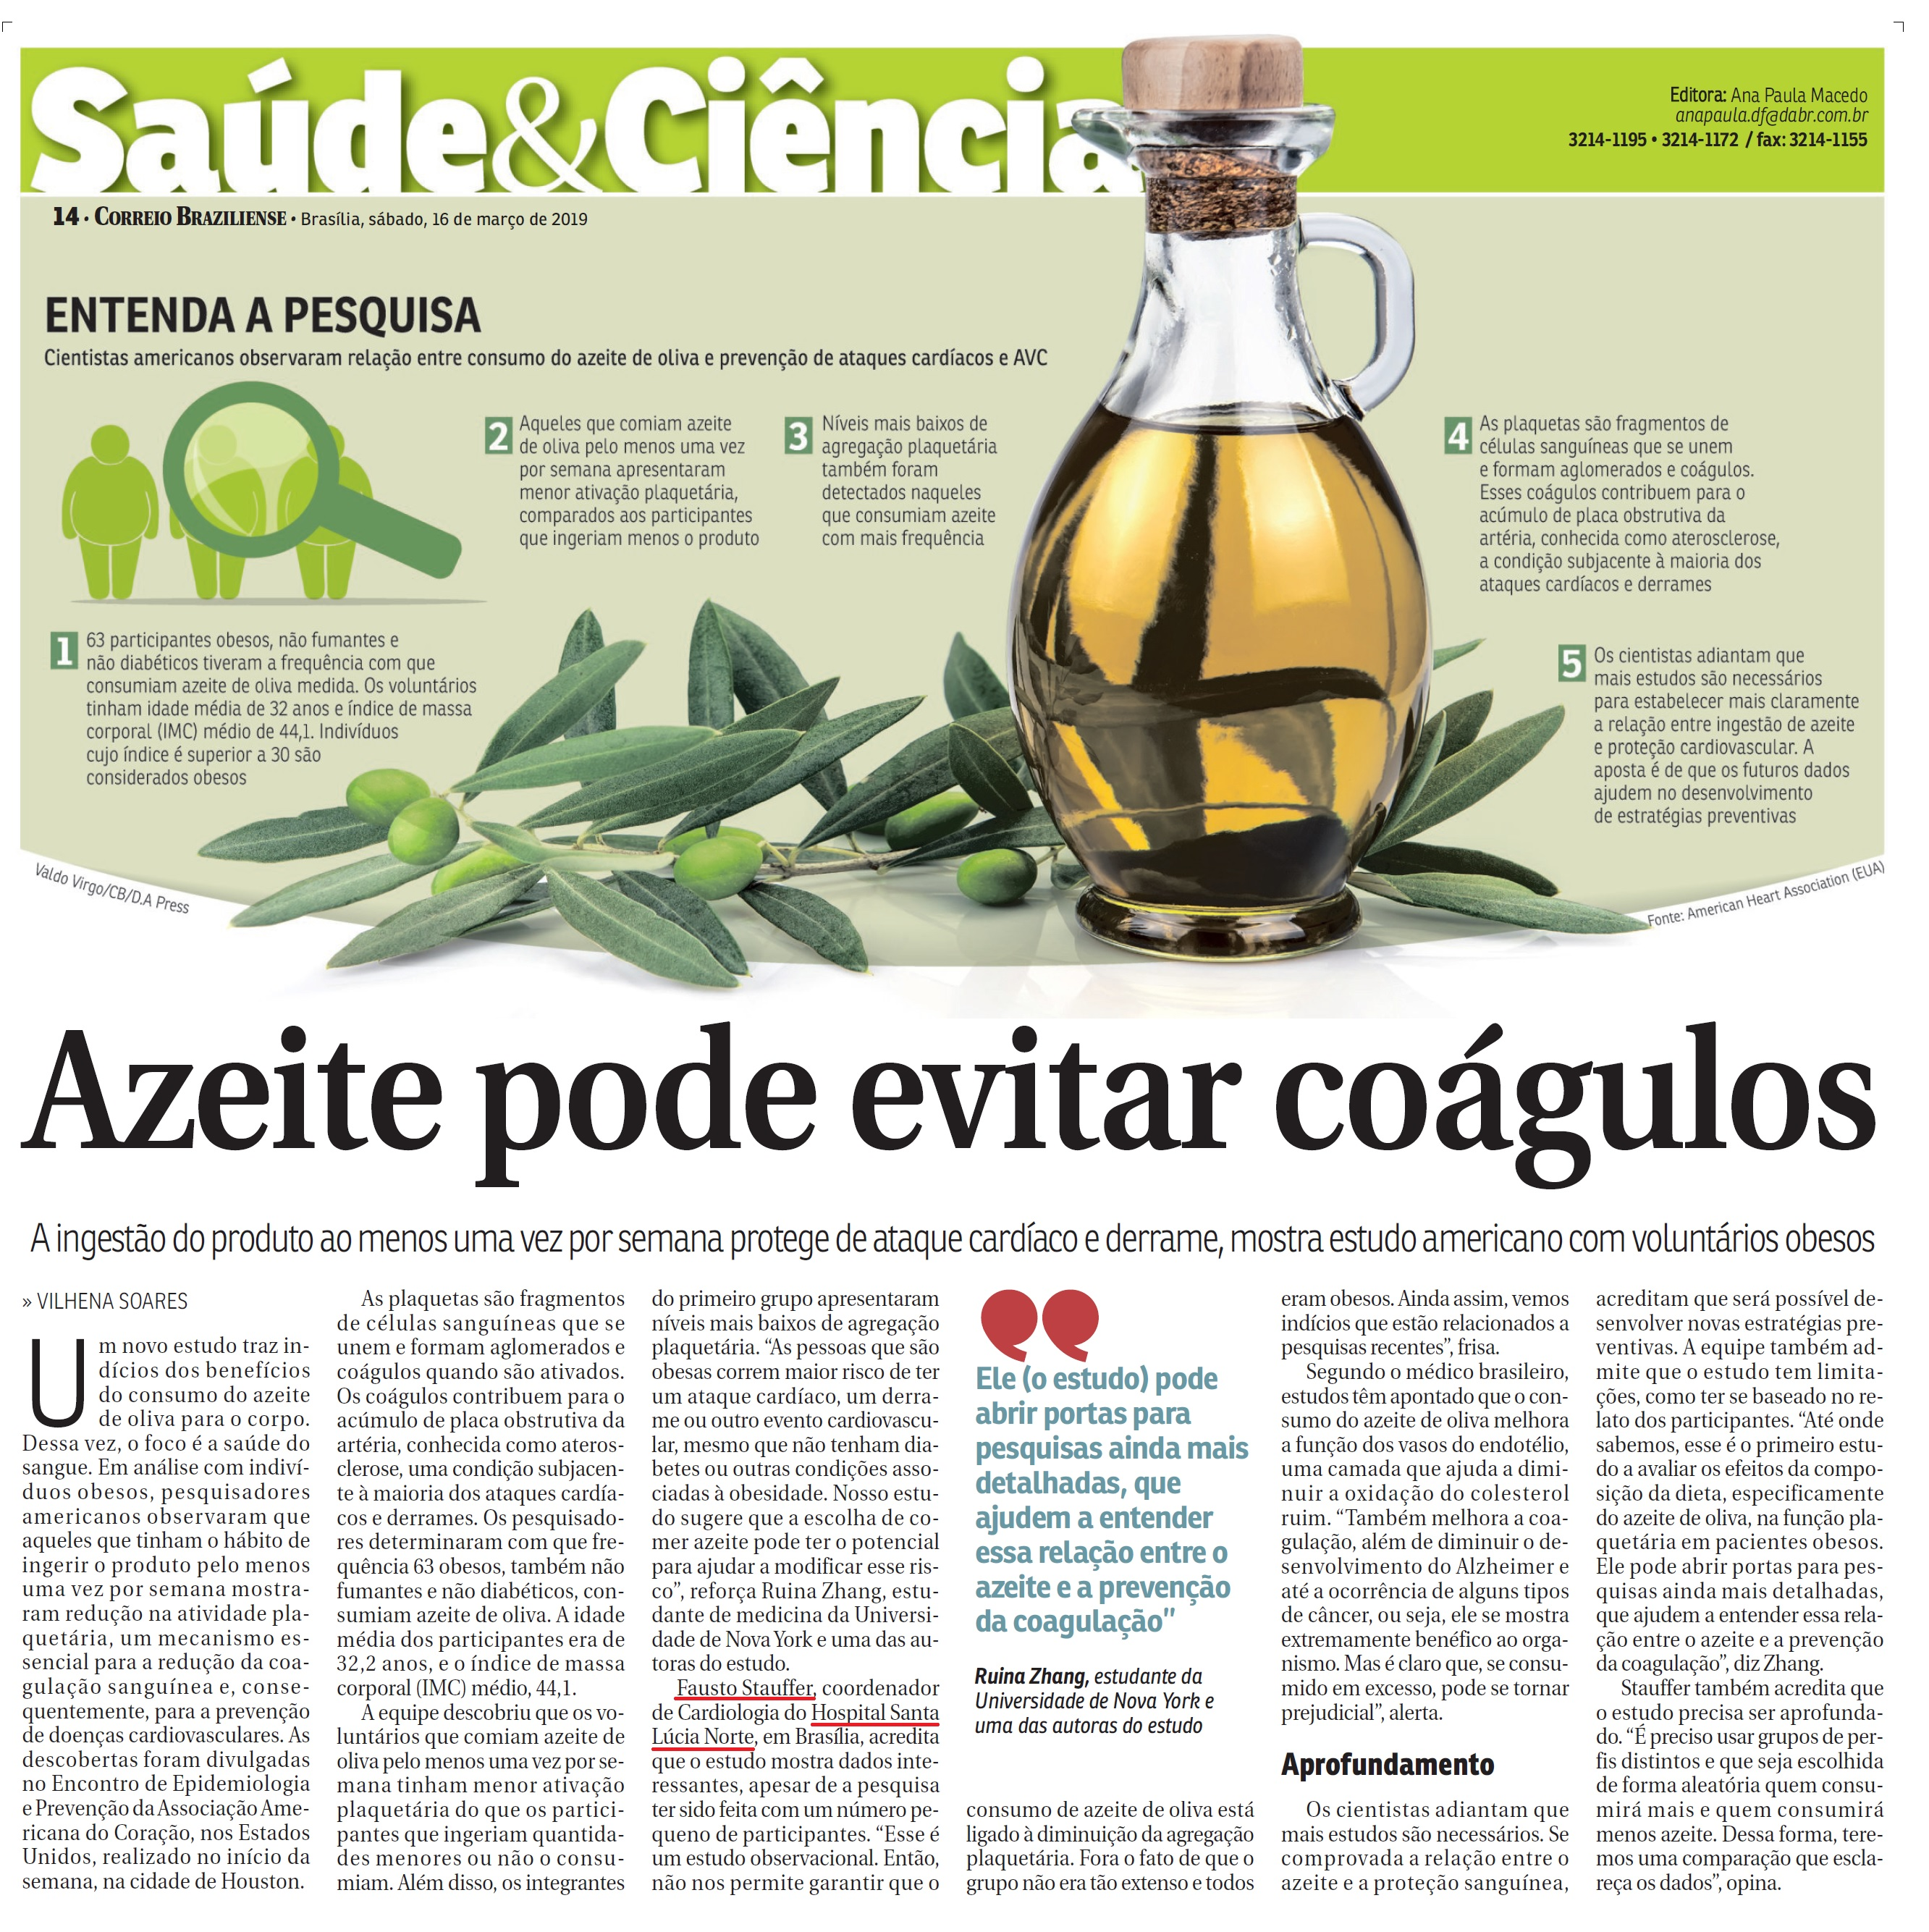 Correio Braziliense - Dr. Fausto Stauffer HSLN - 16-03-2019